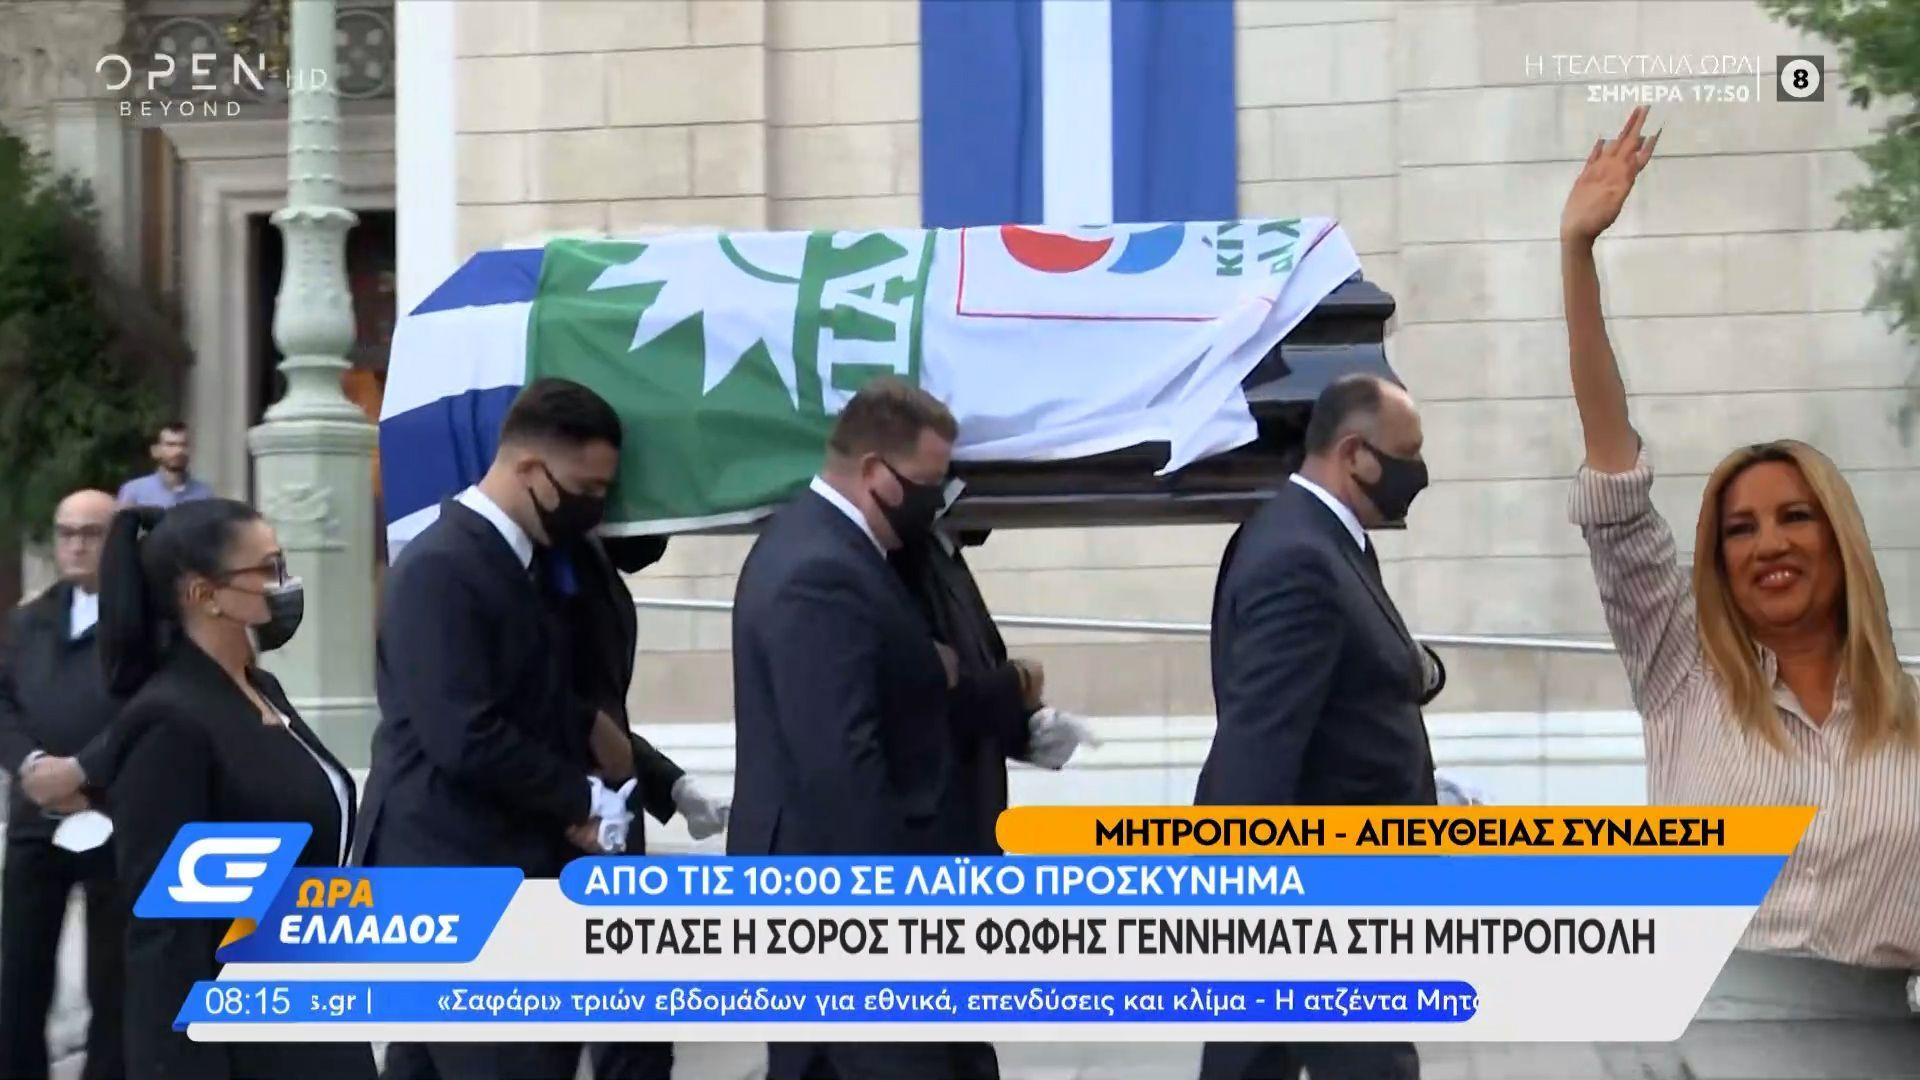 Στη Μητρόπολη η σορός της Φώφης Γεννηματά – Σκεπασμένο το φέρετρο με σημαία του ΠΑΣΟΚ (VIDEO)